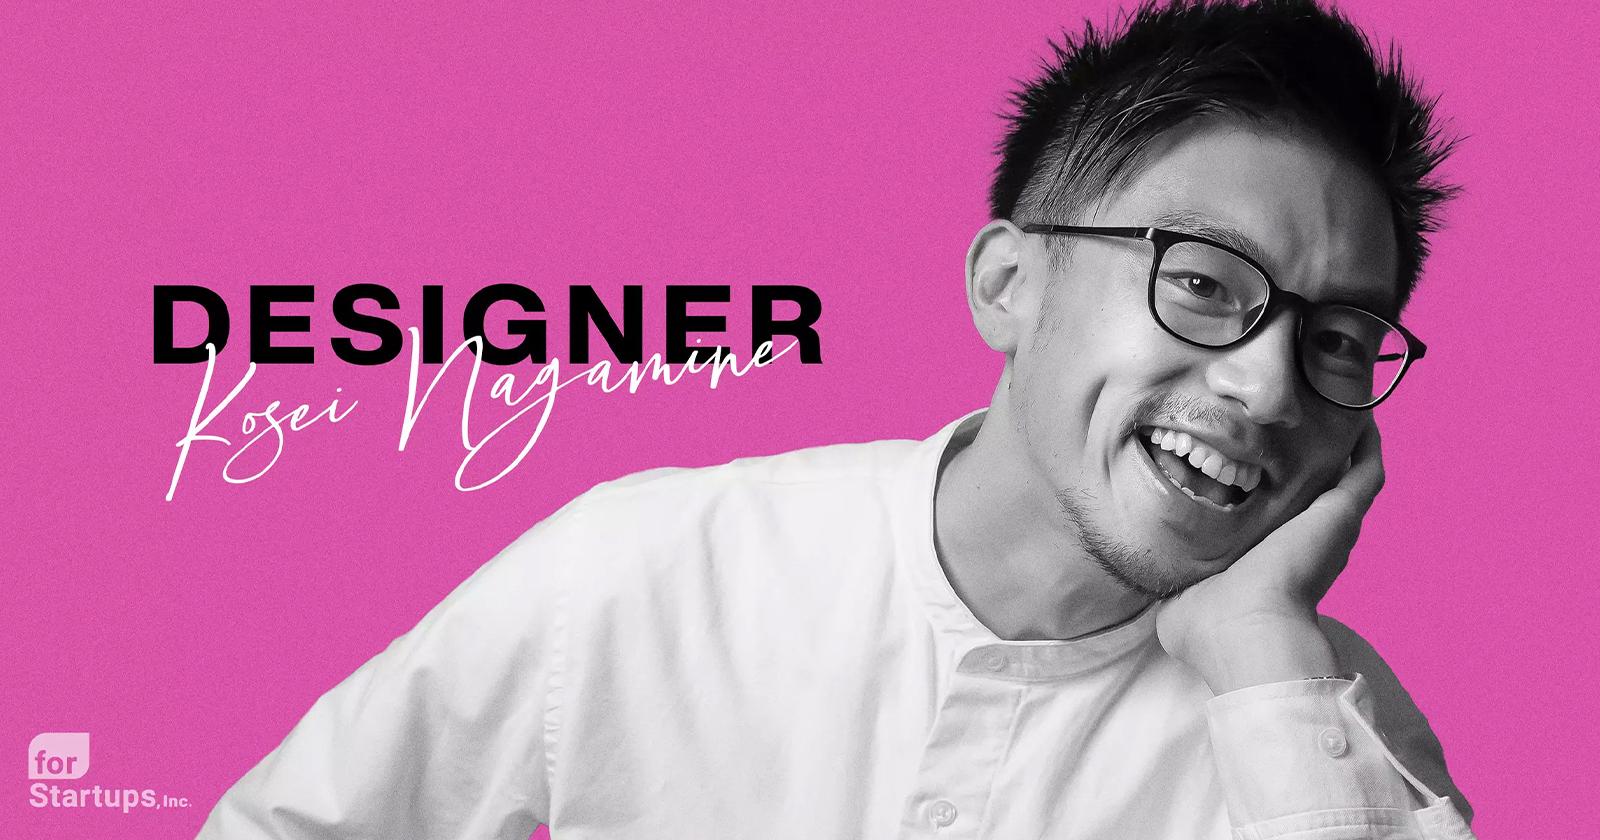 デザインで日本の未来を切り拓く。気鋭のデザイナーの新たな挑戦